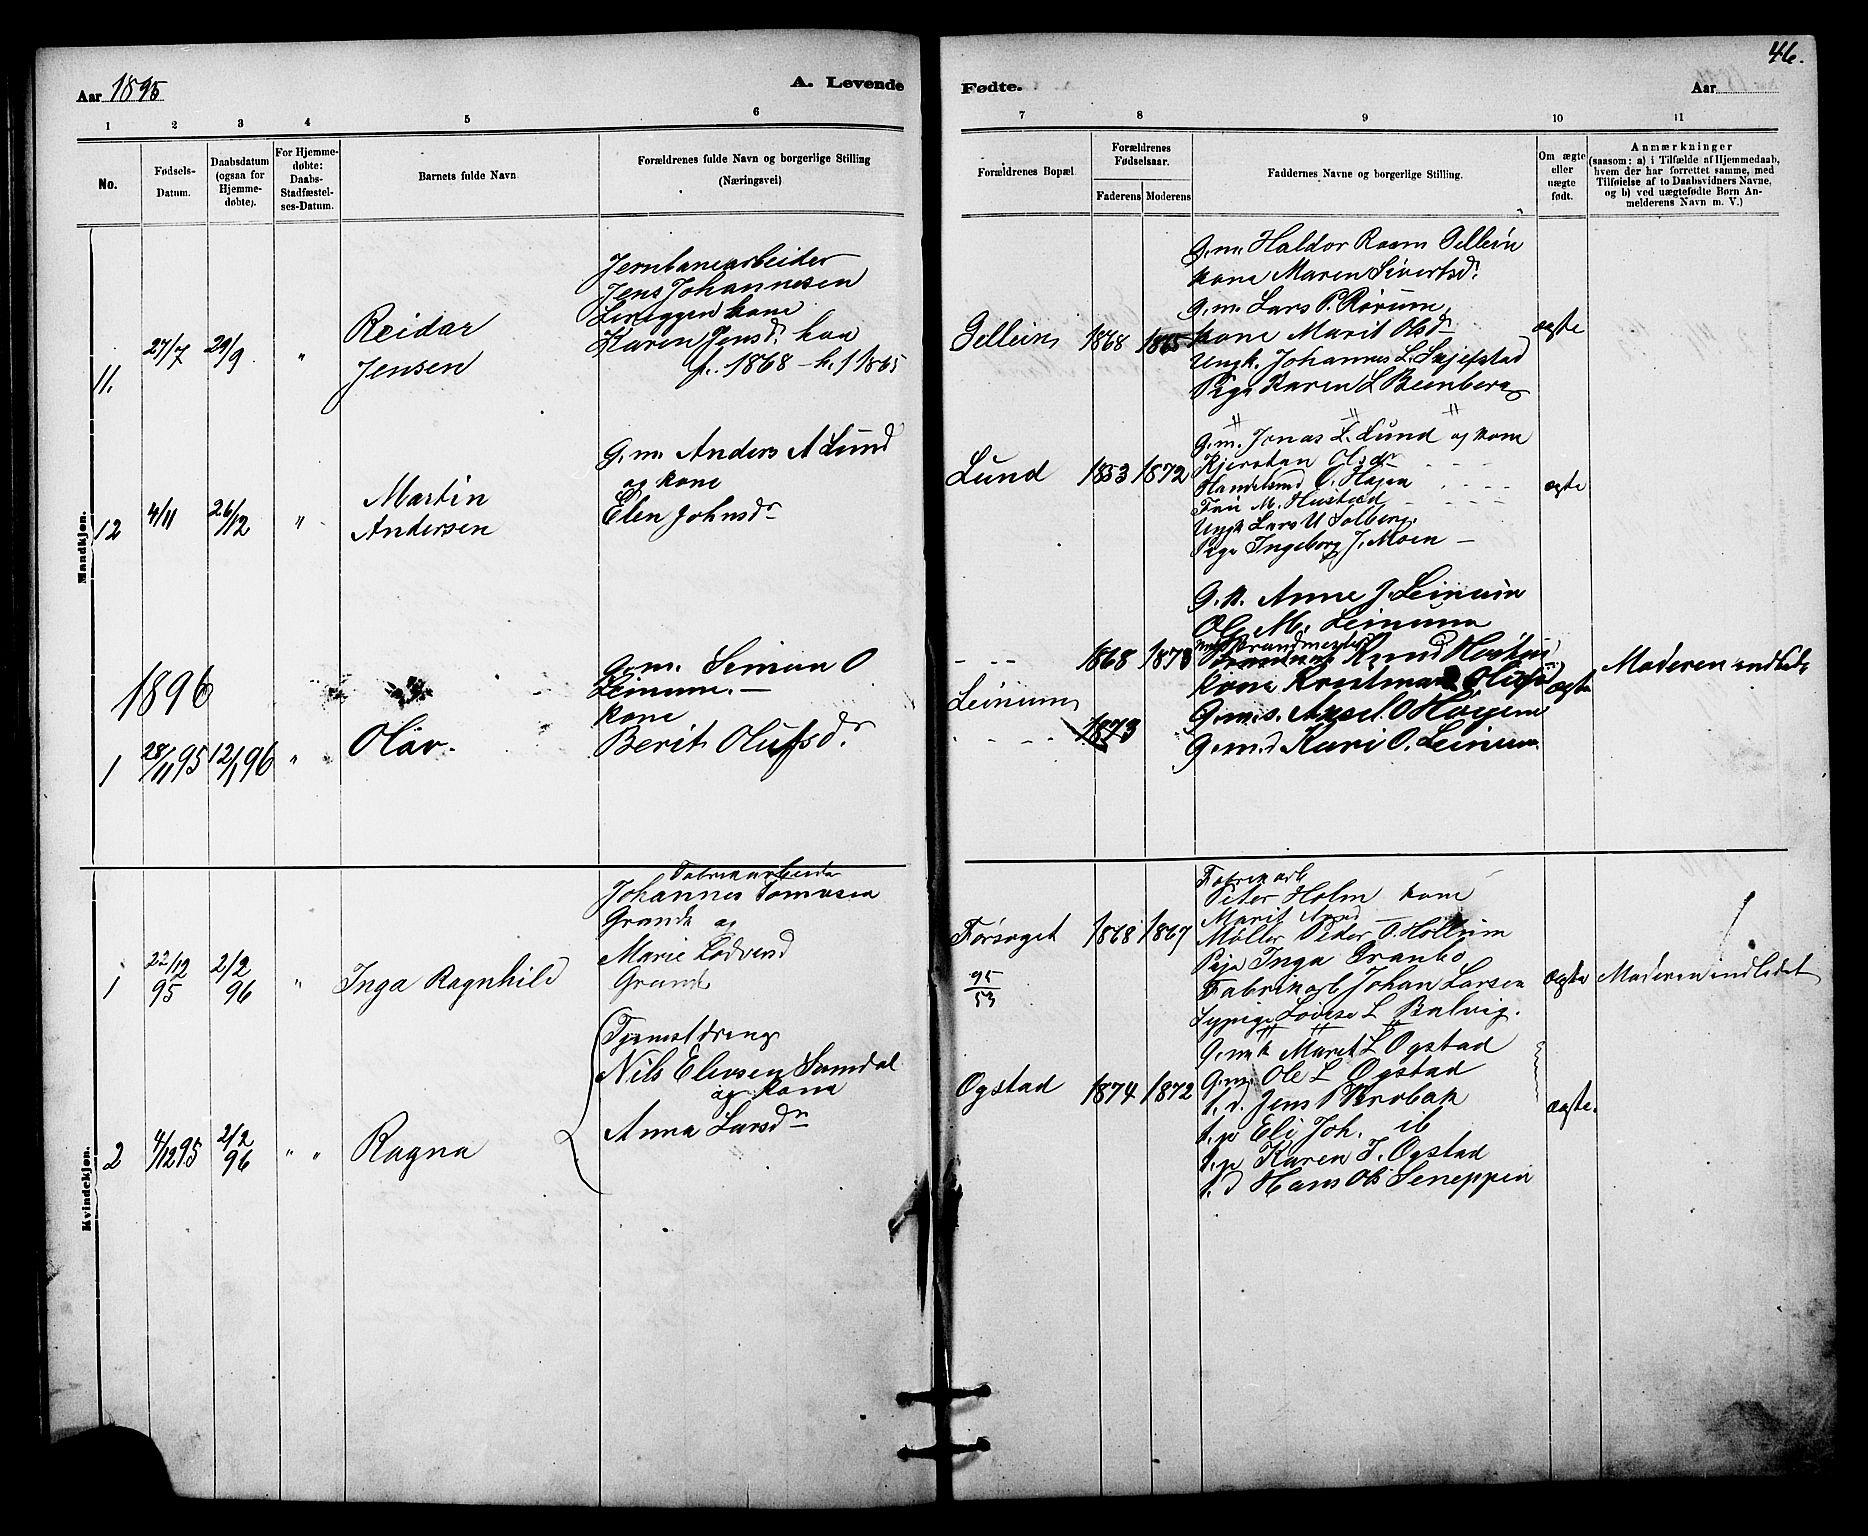 SAT, Ministerialprotokoller, klokkerbøker og fødselsregistre - Sør-Trøndelag, 613/L0395: Klokkerbok nr. 613C03, 1887-1909, s. 46